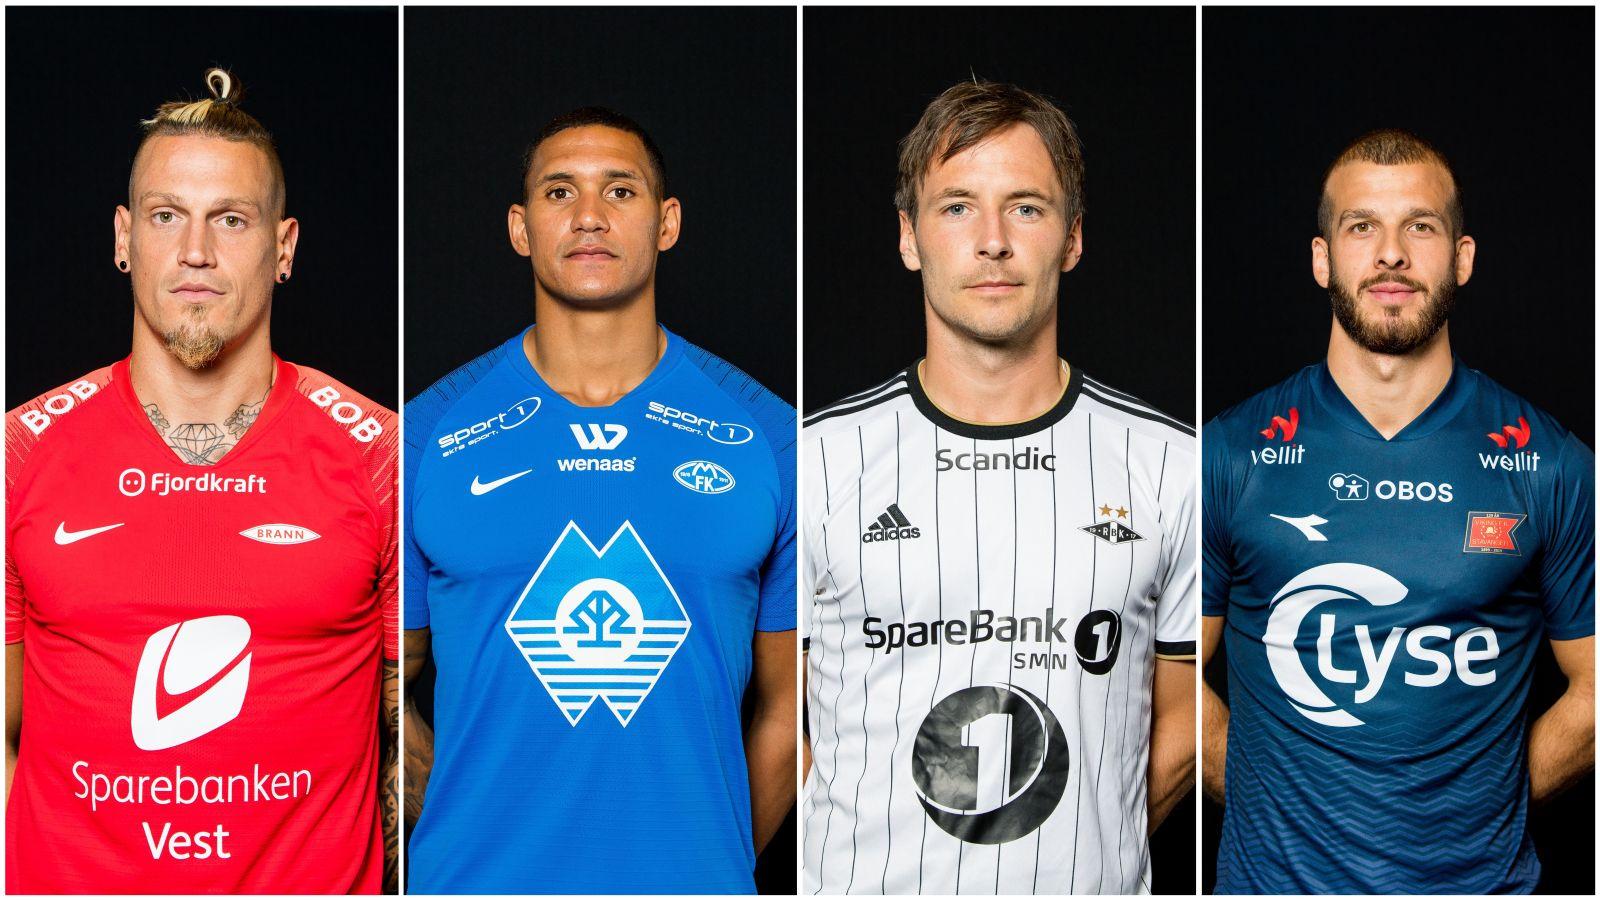 NYE DRAKTER: Brann, Molde, Rosenborg og Viking er blant eliteserielagene som starter 2019-sesongen med helt nye hjemmedrakter. Nå kårer ekspertene de fineste draktene denne sesongen.